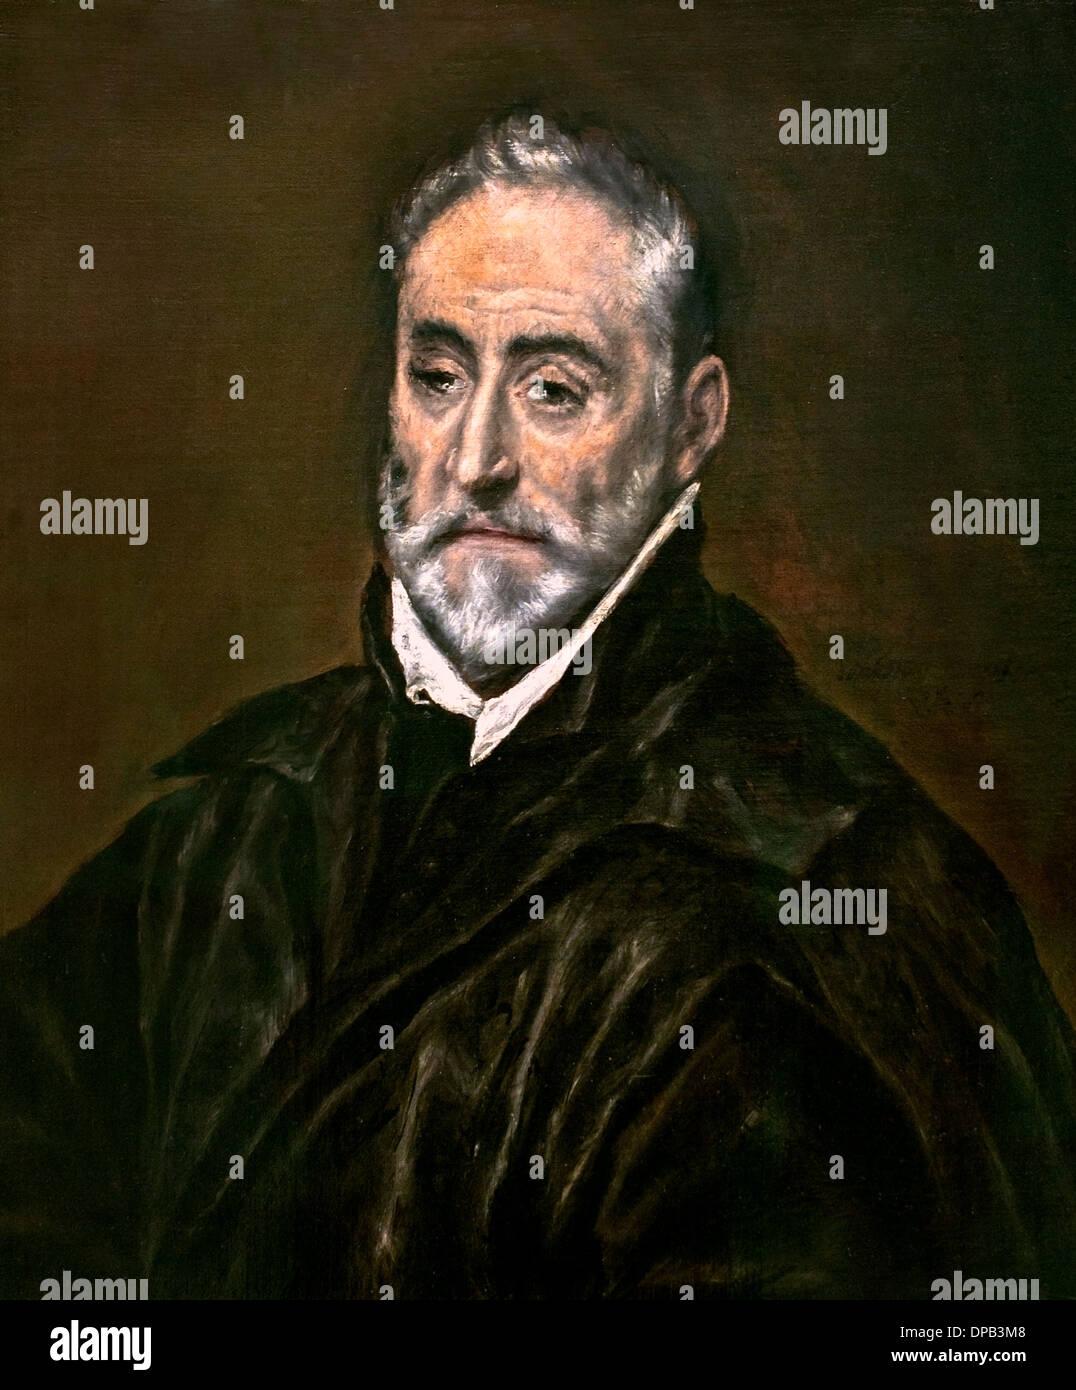 Antonio de Covarrubias y Leiva1514-1602  lawyer scholar 1597 El Greco  Dominikos Theotokopoulos 1541 – 1614 - Stock Image